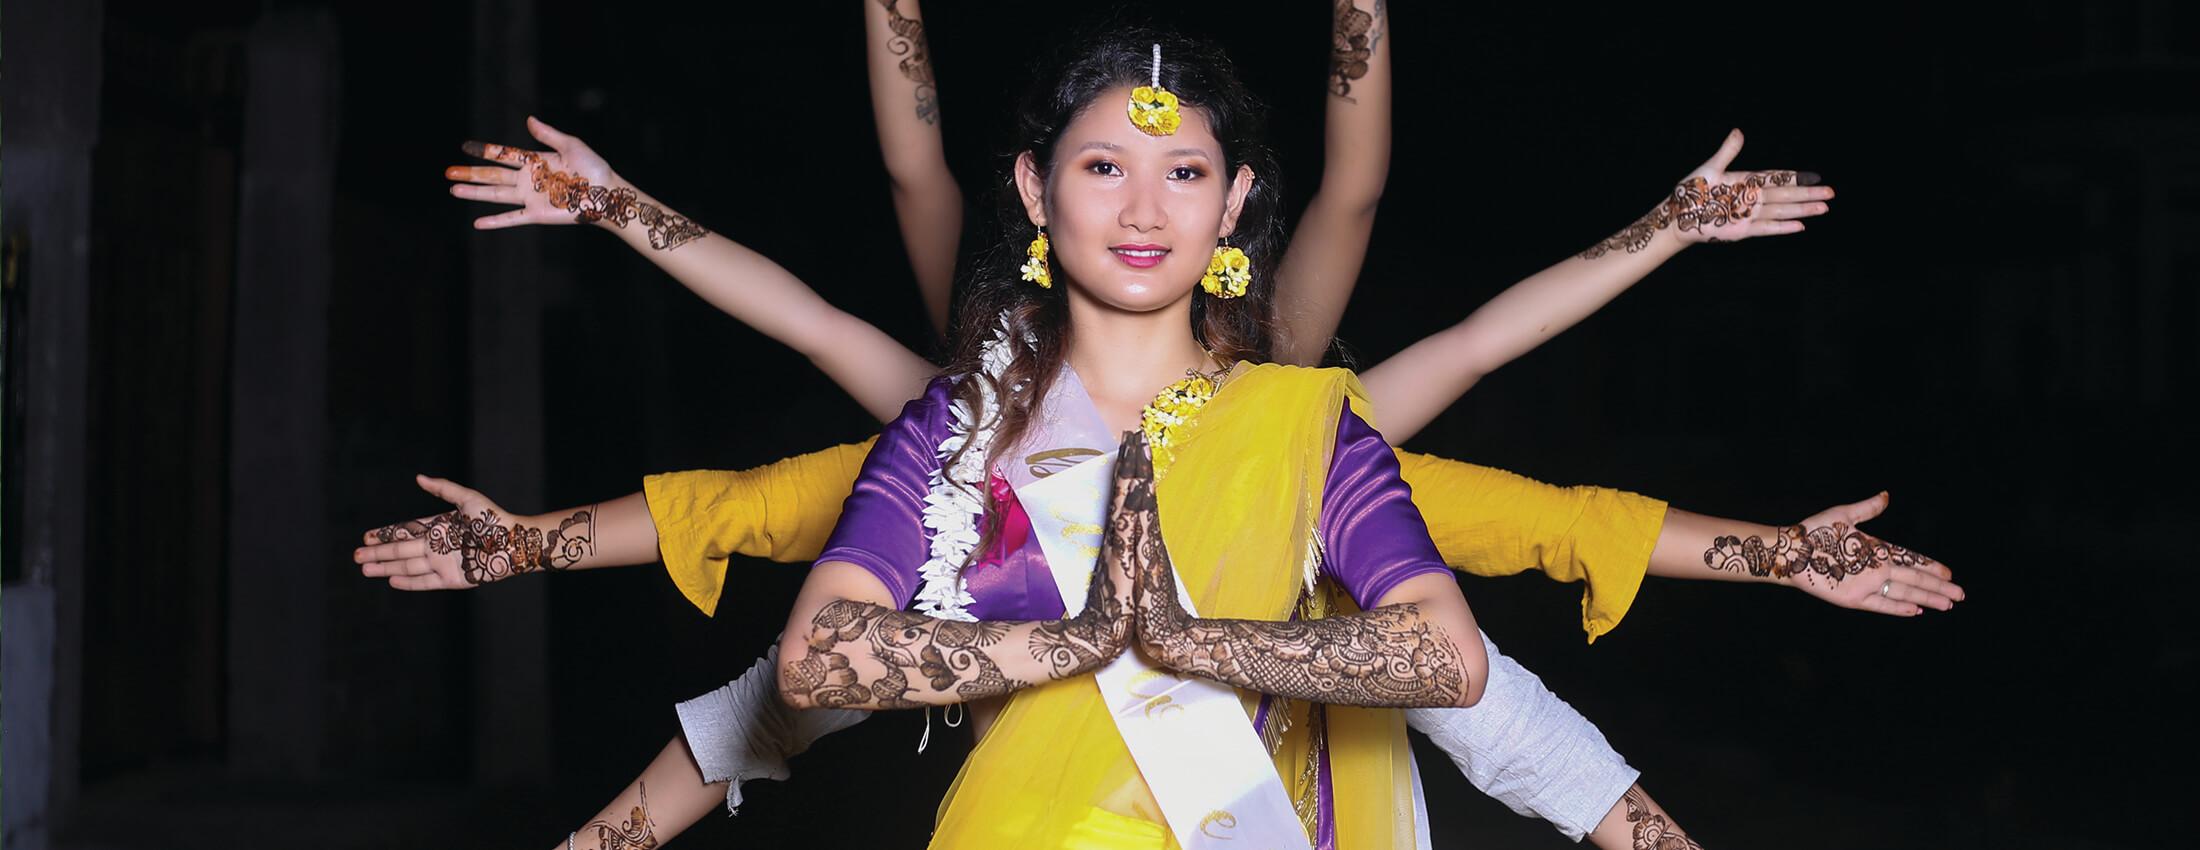 Mallika Engagement - Imgstock, Biratnagar